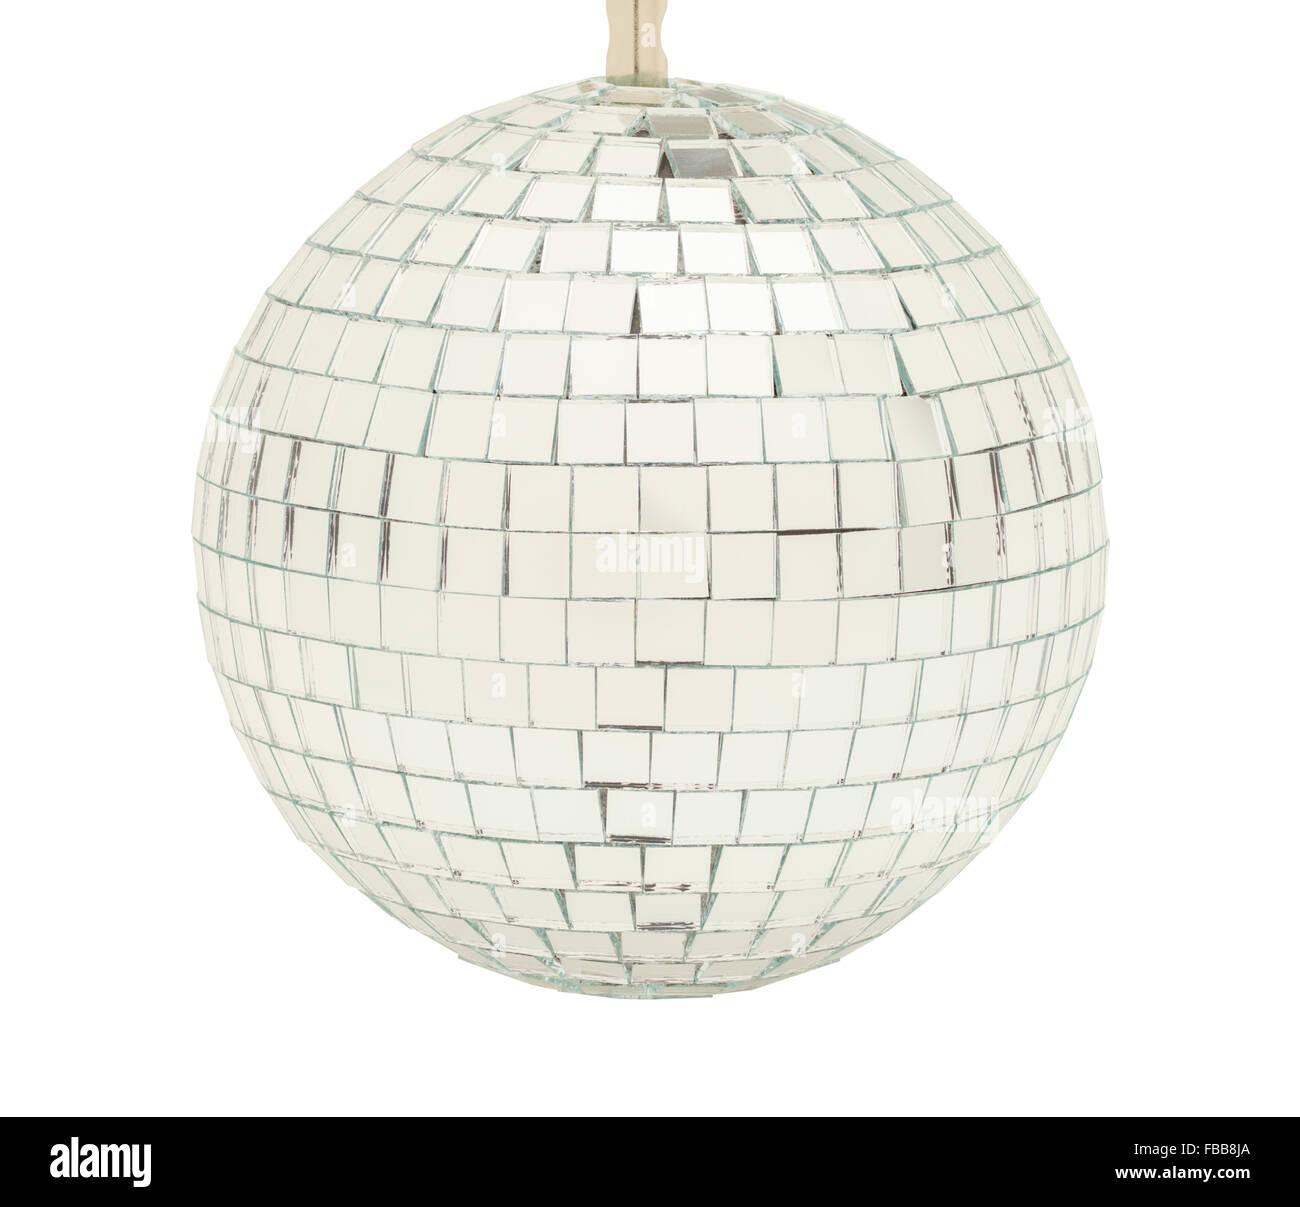 Parte de cristal Bola de discoteca aislado sobre fondo blanco. Imagen De Stock